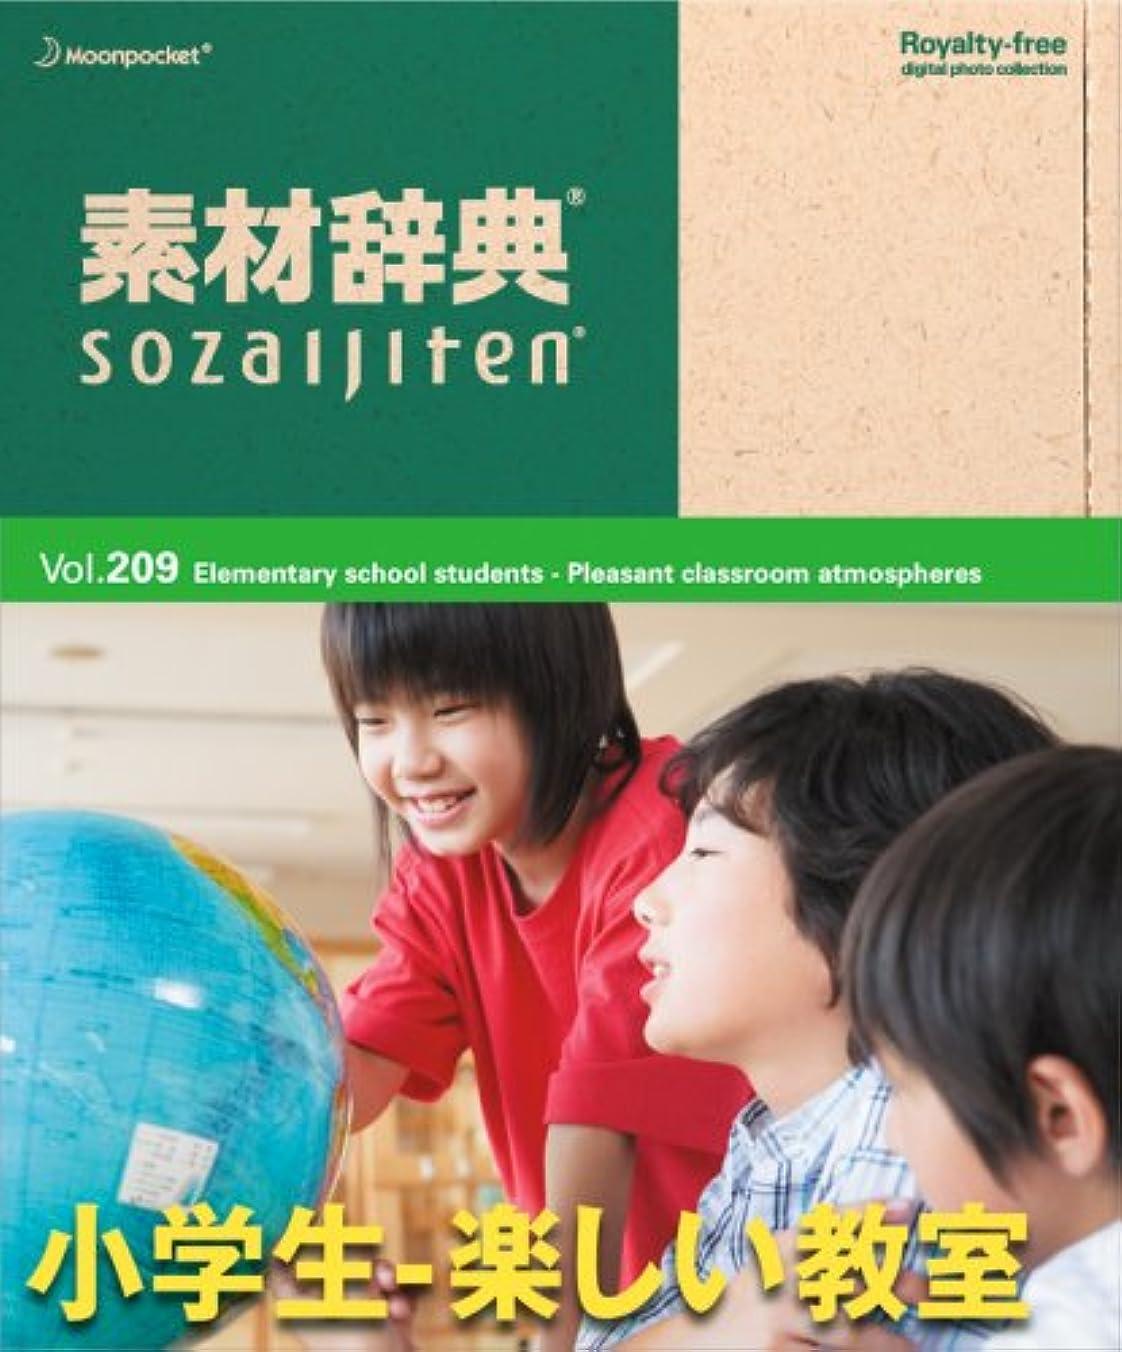 どんなときも実験をする慢性的素材辞典 Vol.209 小学生-楽しい教室編